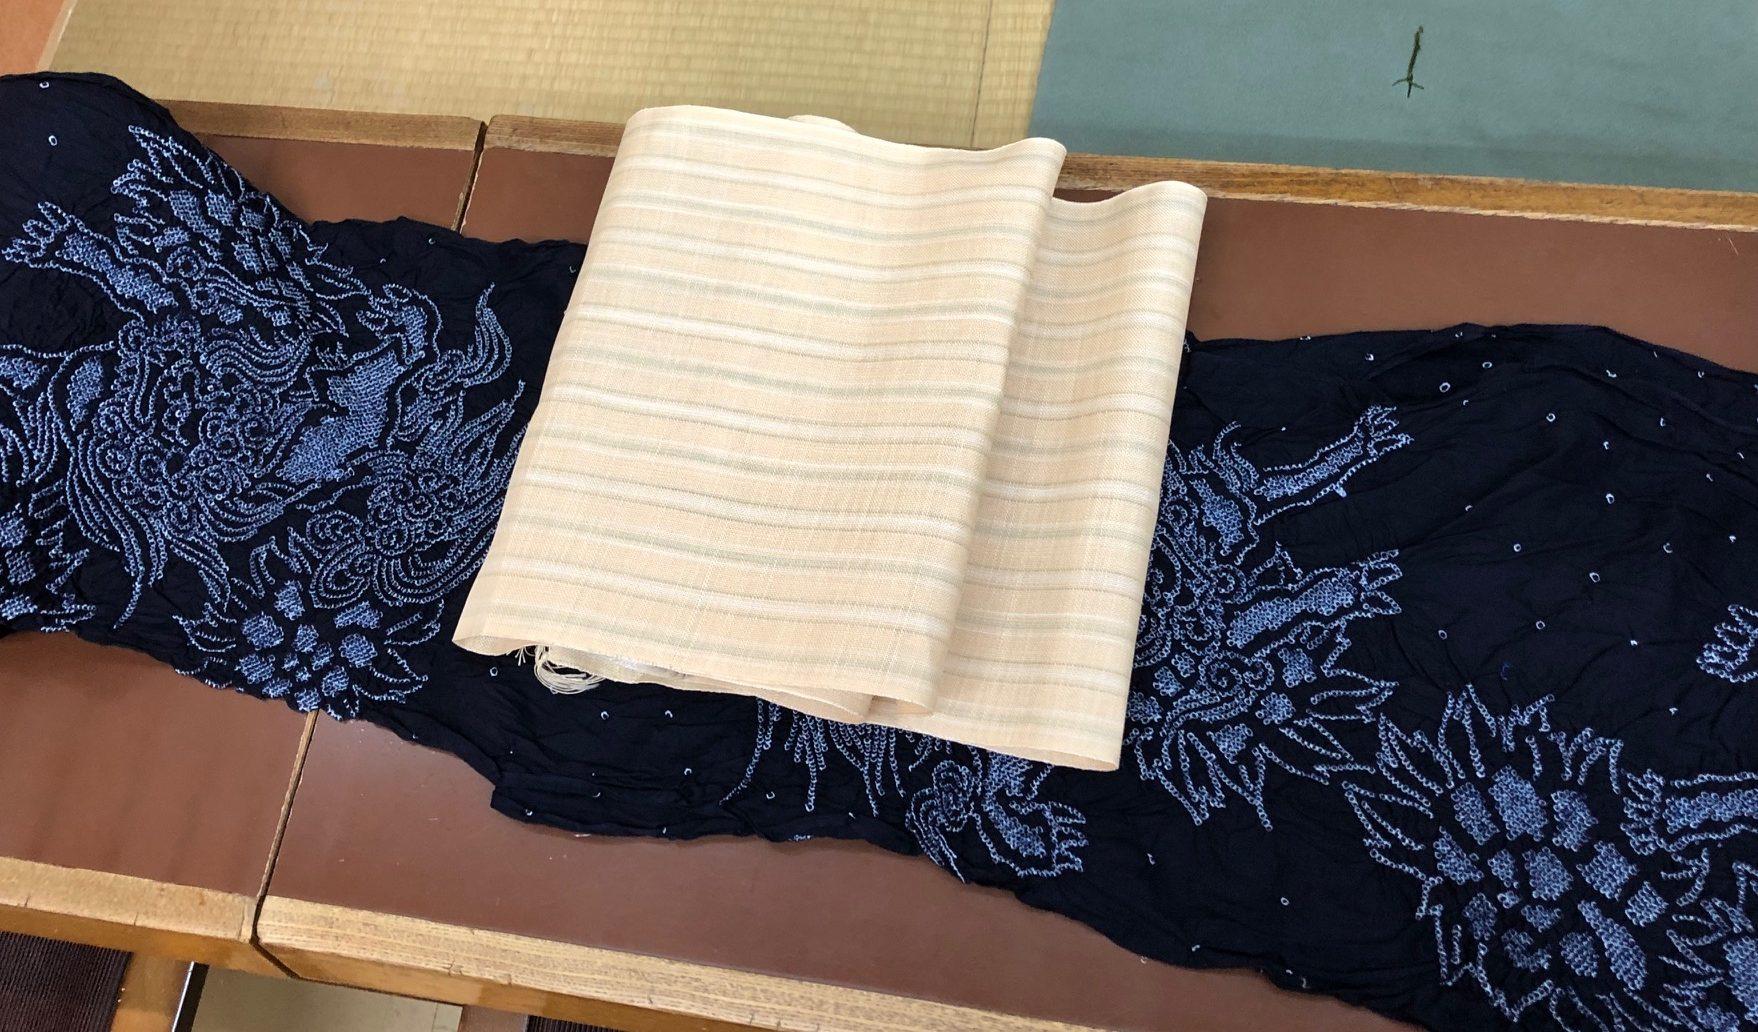 古典的な唐獅子牡丹(からじしぼたん)の絞り(しぼり)浴衣と、涼しげで薄い色の麻の帯。八寸麻帯